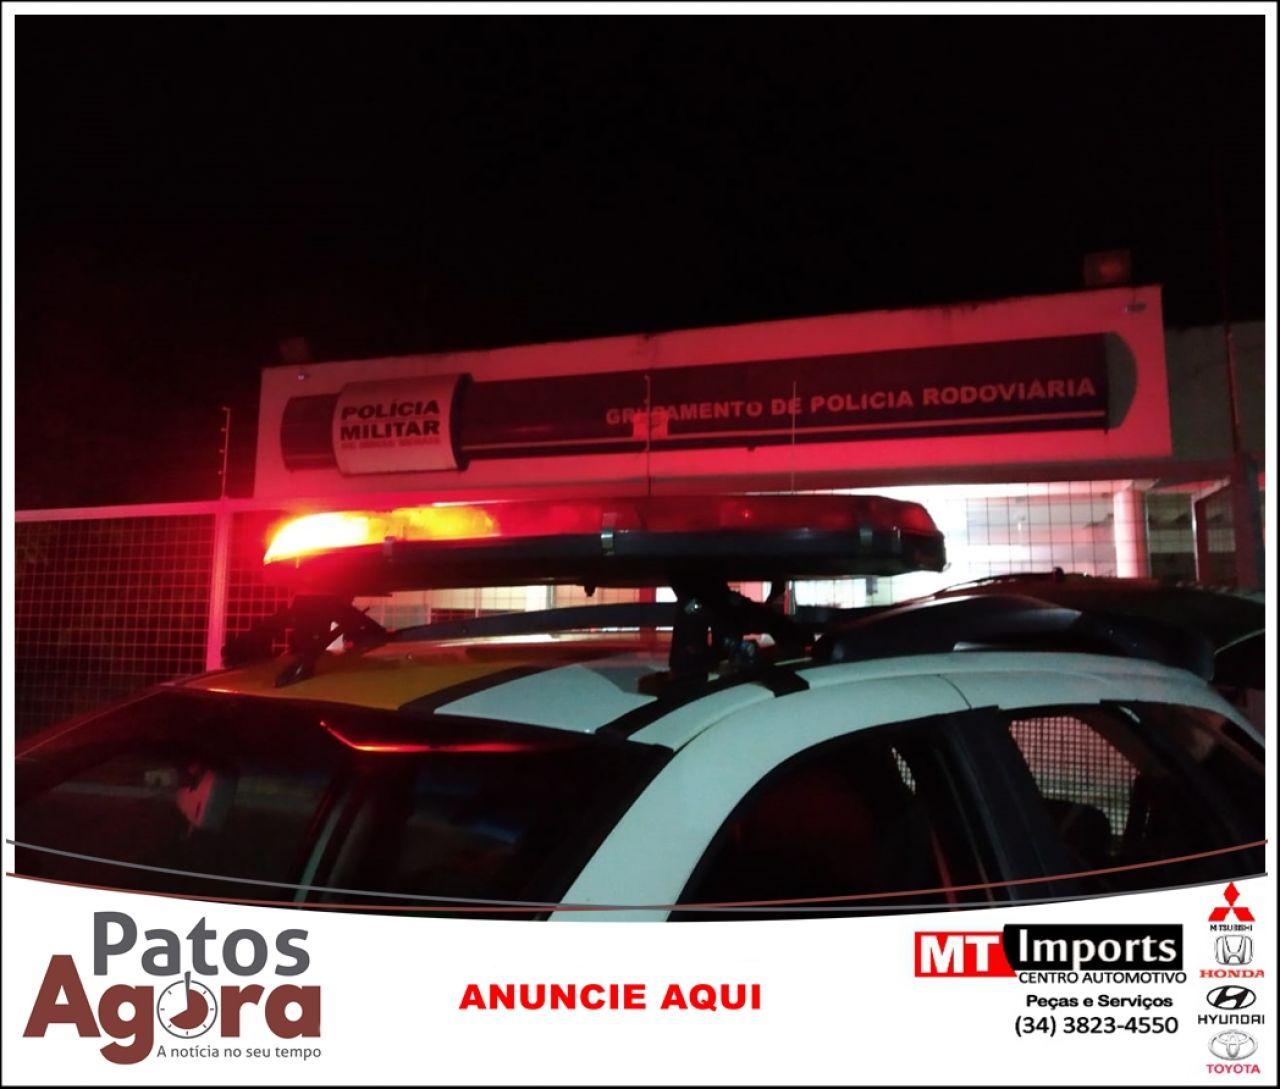 Condutor embriagado é preso durante operação Rota Segura na rodovia MGC 354